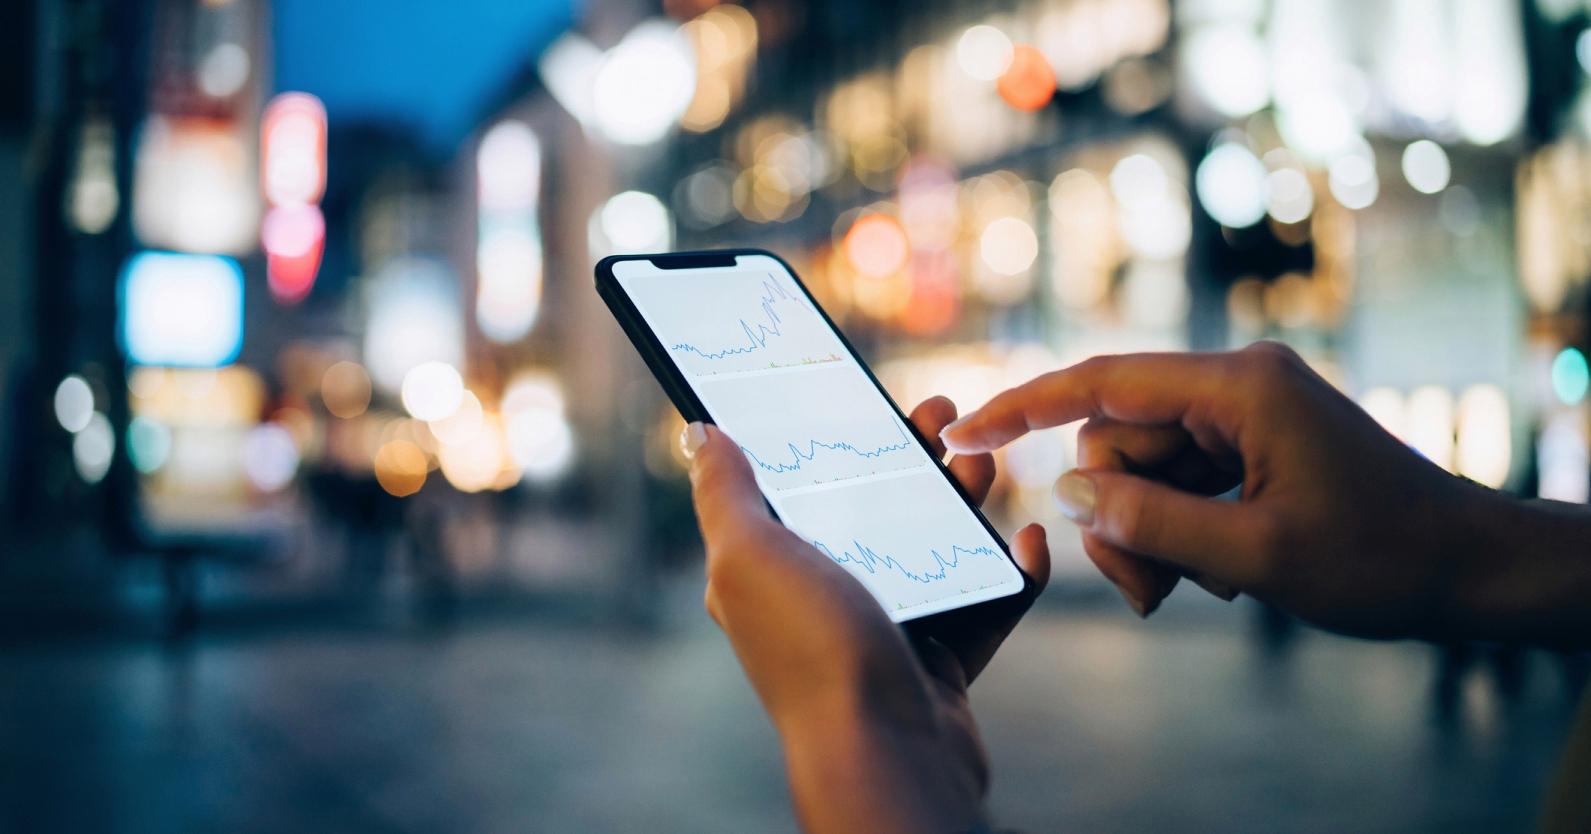 Prodeje smartphonů se ve druhém čtvrtletí propadly o 20 procent